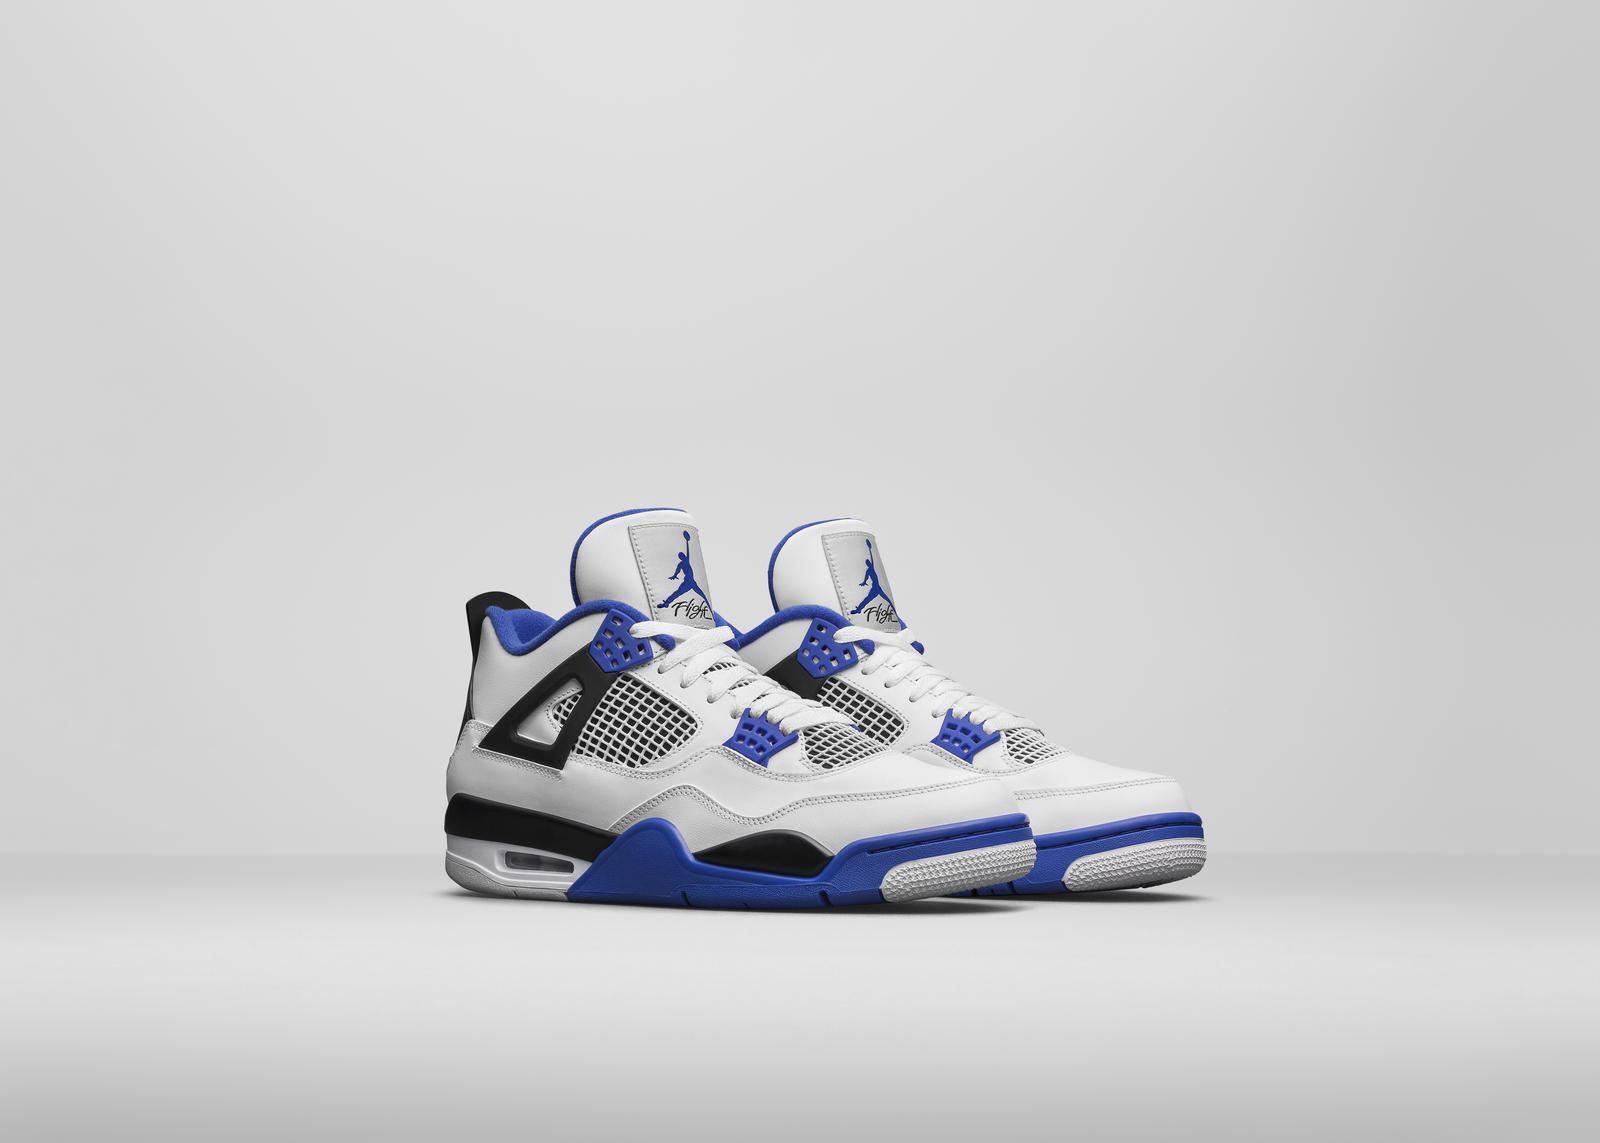 033f8ecc1f3 Shoes Air Max Man 7 Nike Air Max Plus